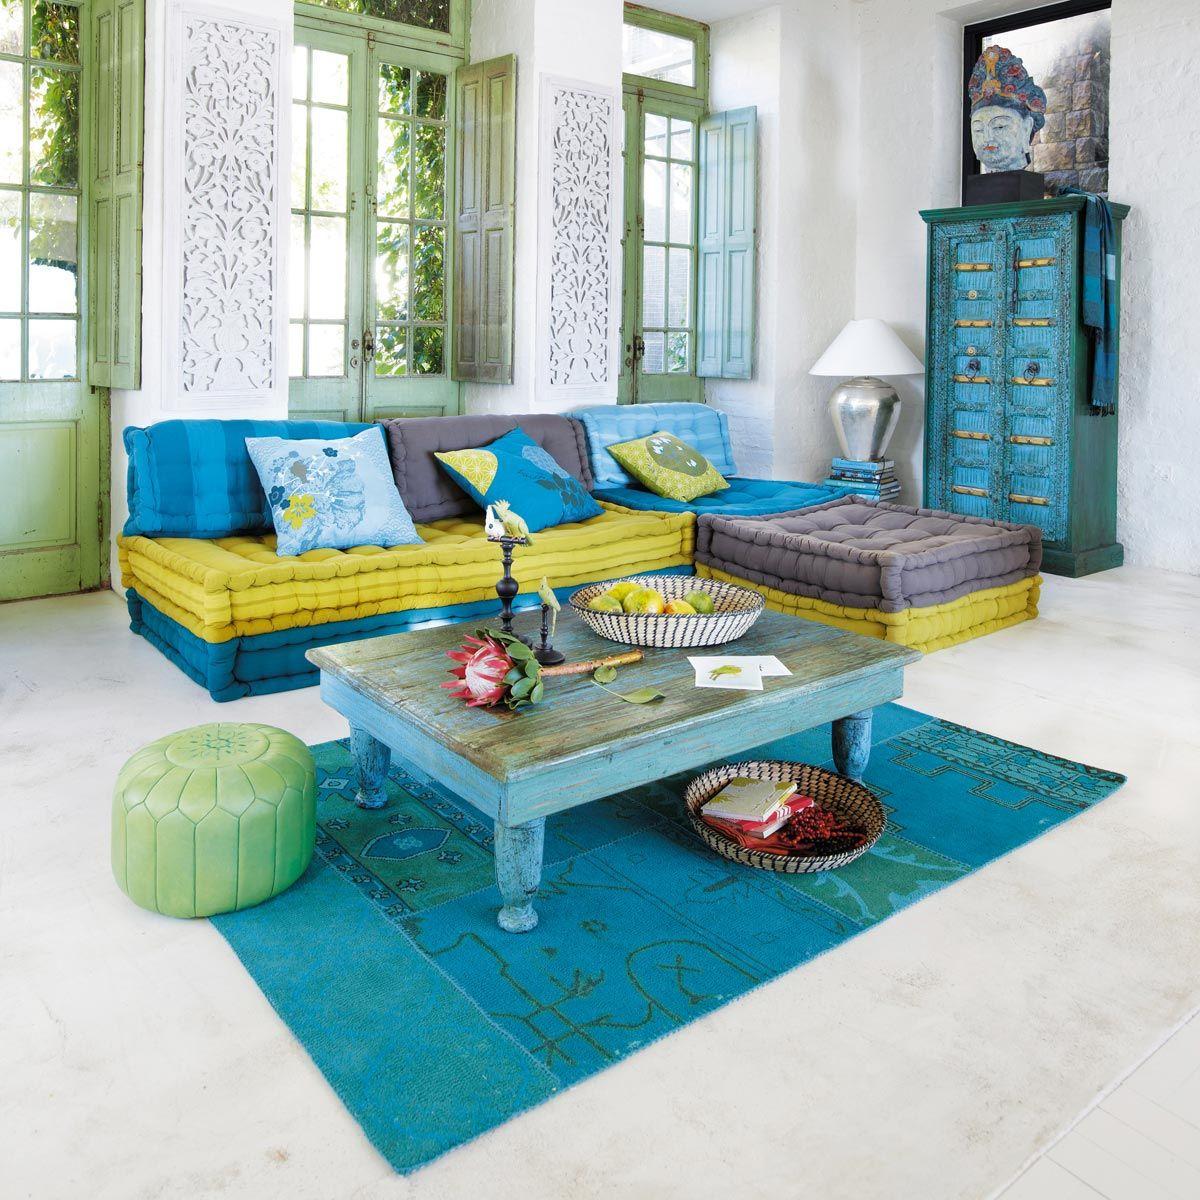 Table Basse Trinidad Wohnzimmer Design Wohnen Orientalische Mobel